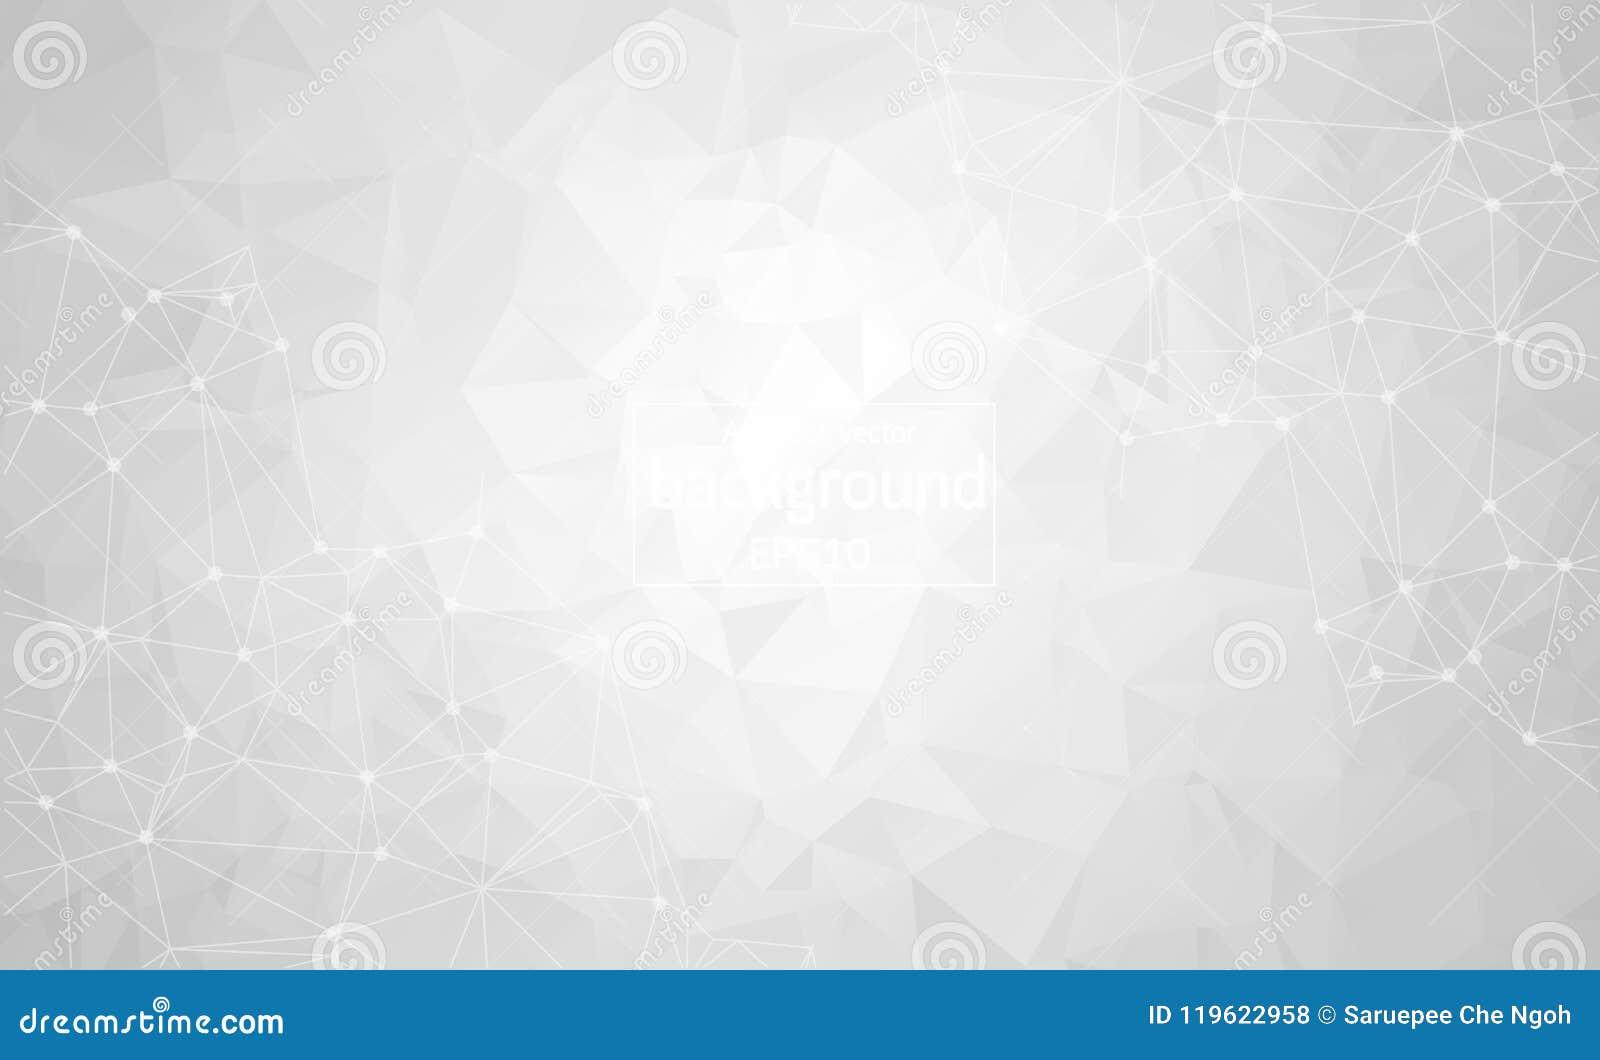 Abstracte Gray Light Geometric Polygonal-molecule en mededeling als achtergrond Verbonden lijnen met punten Concept de wetenschap